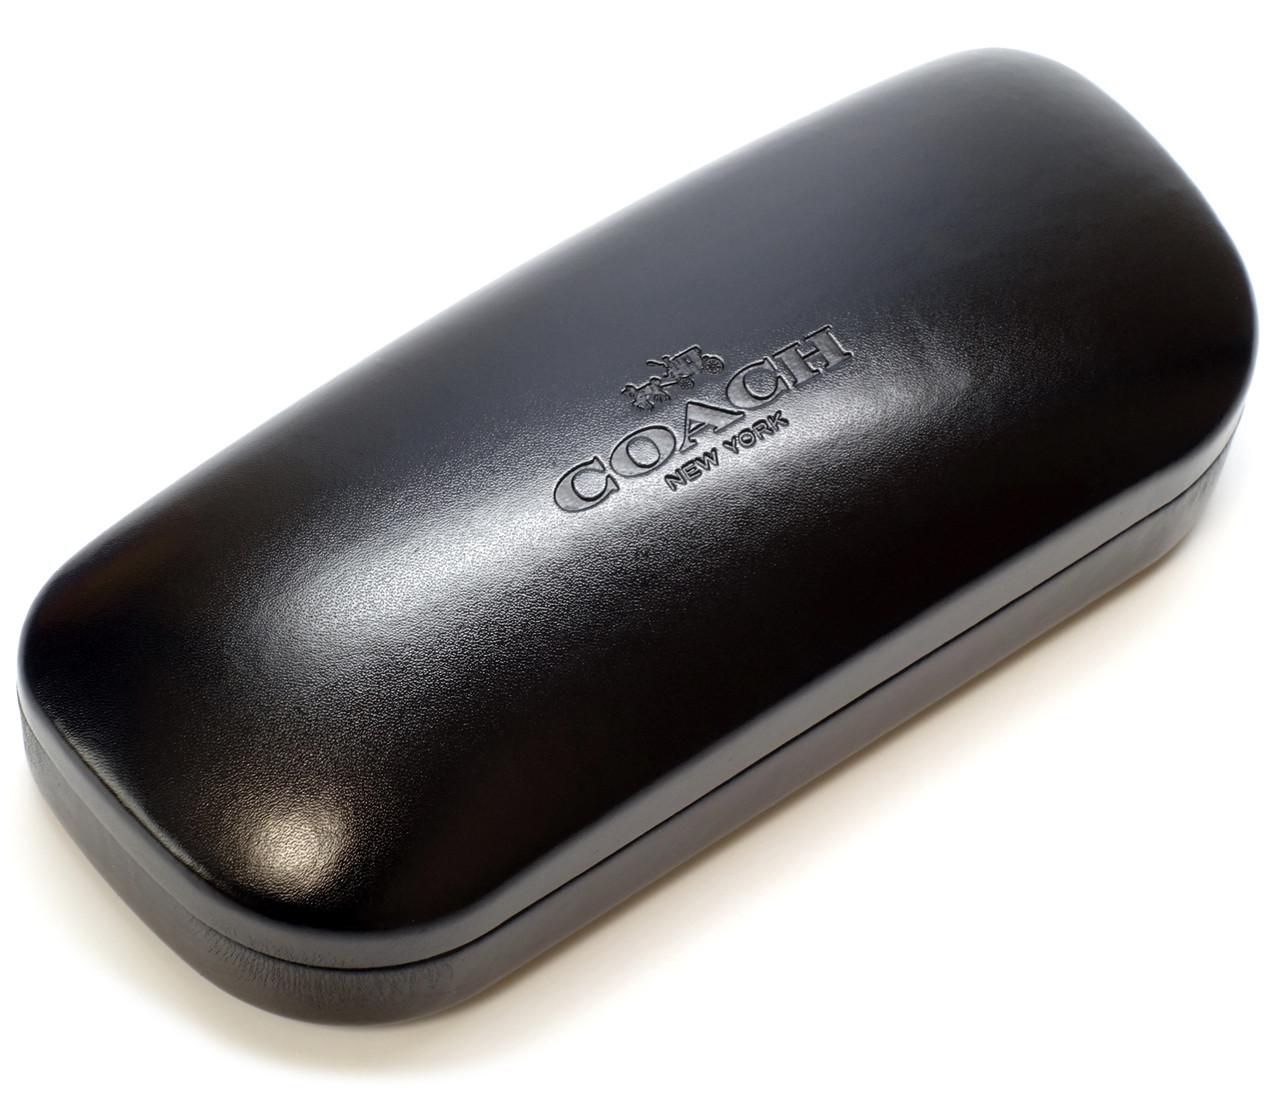 d3a64d8a0837 Coach Authentic Hard Eyeglass Case Medium Size in Black - Speert  International